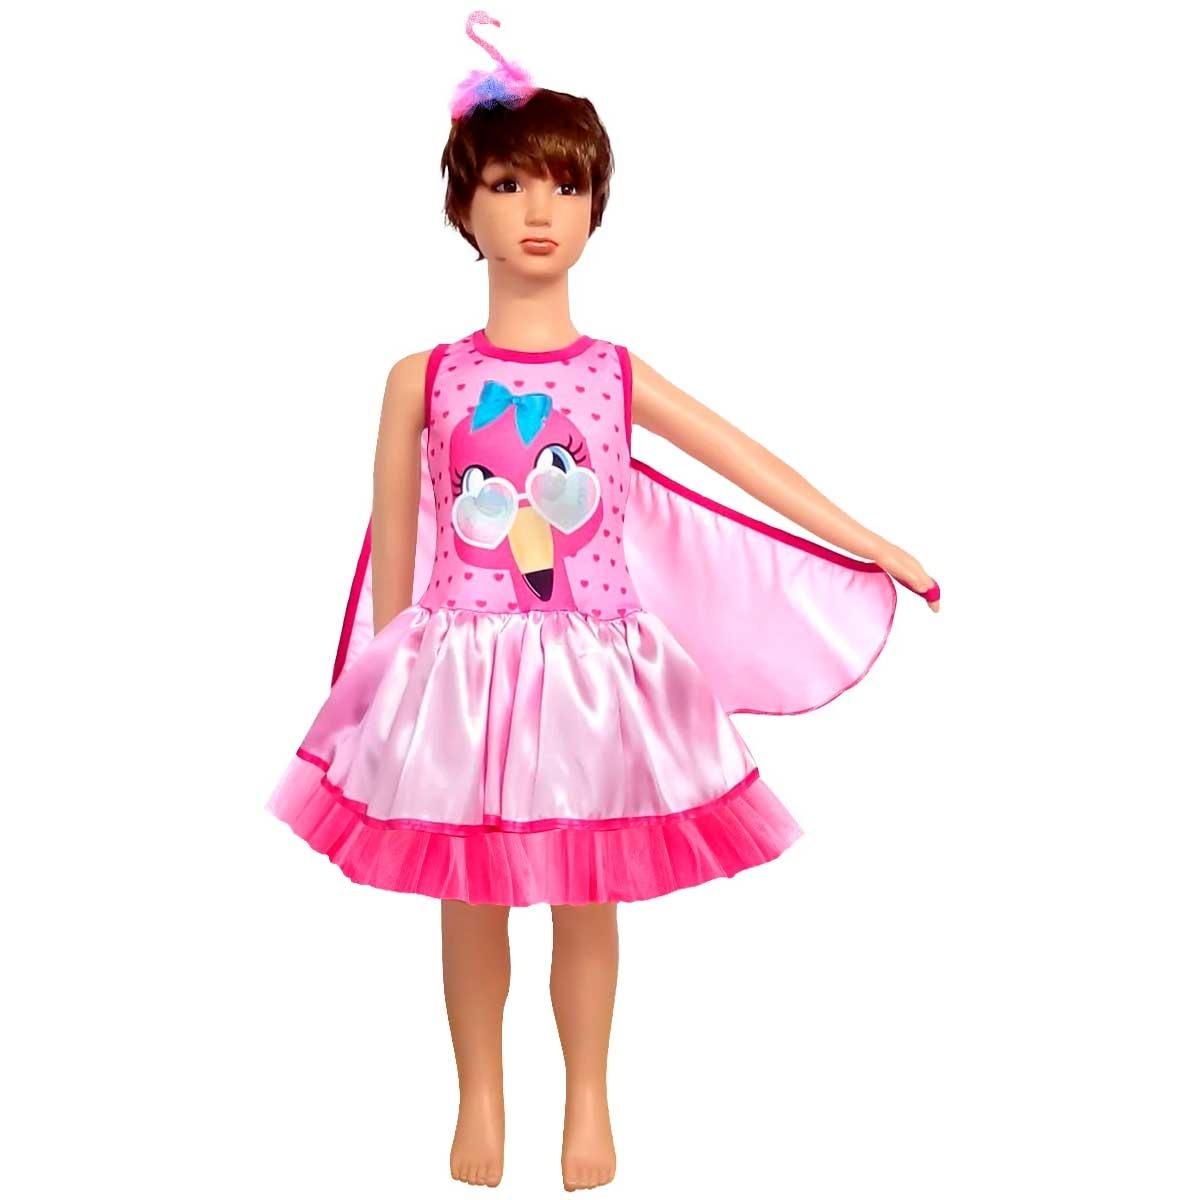 Fantasia De Carnaval Infantil Flamingo Com Oculos E Asas R 123 90 Em Mercado Livre